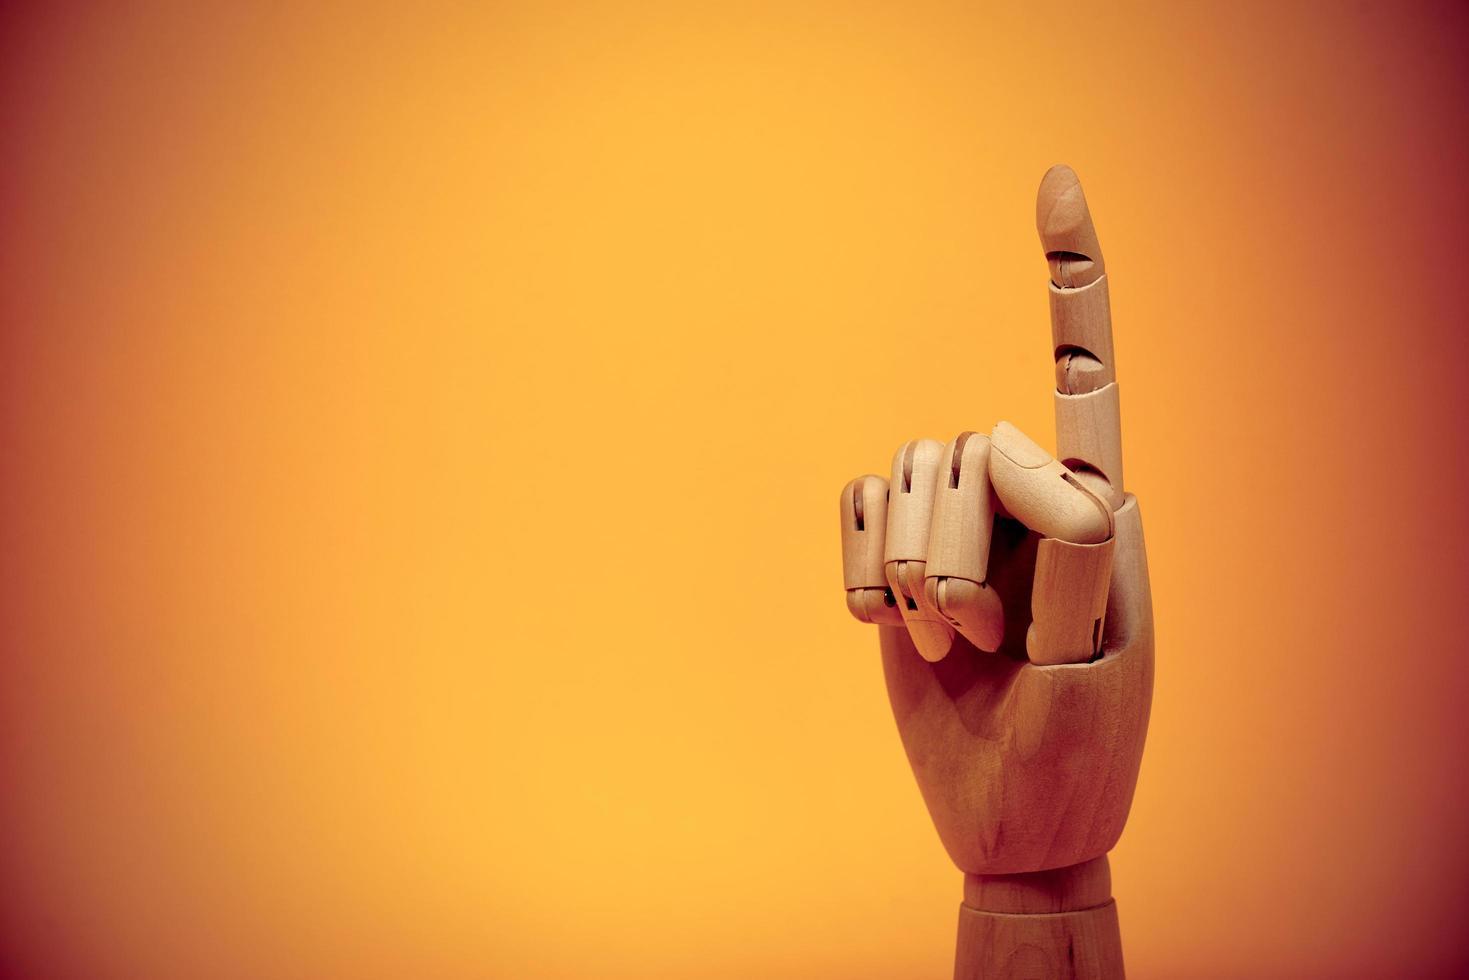 houten vinger naar boven gericht foto